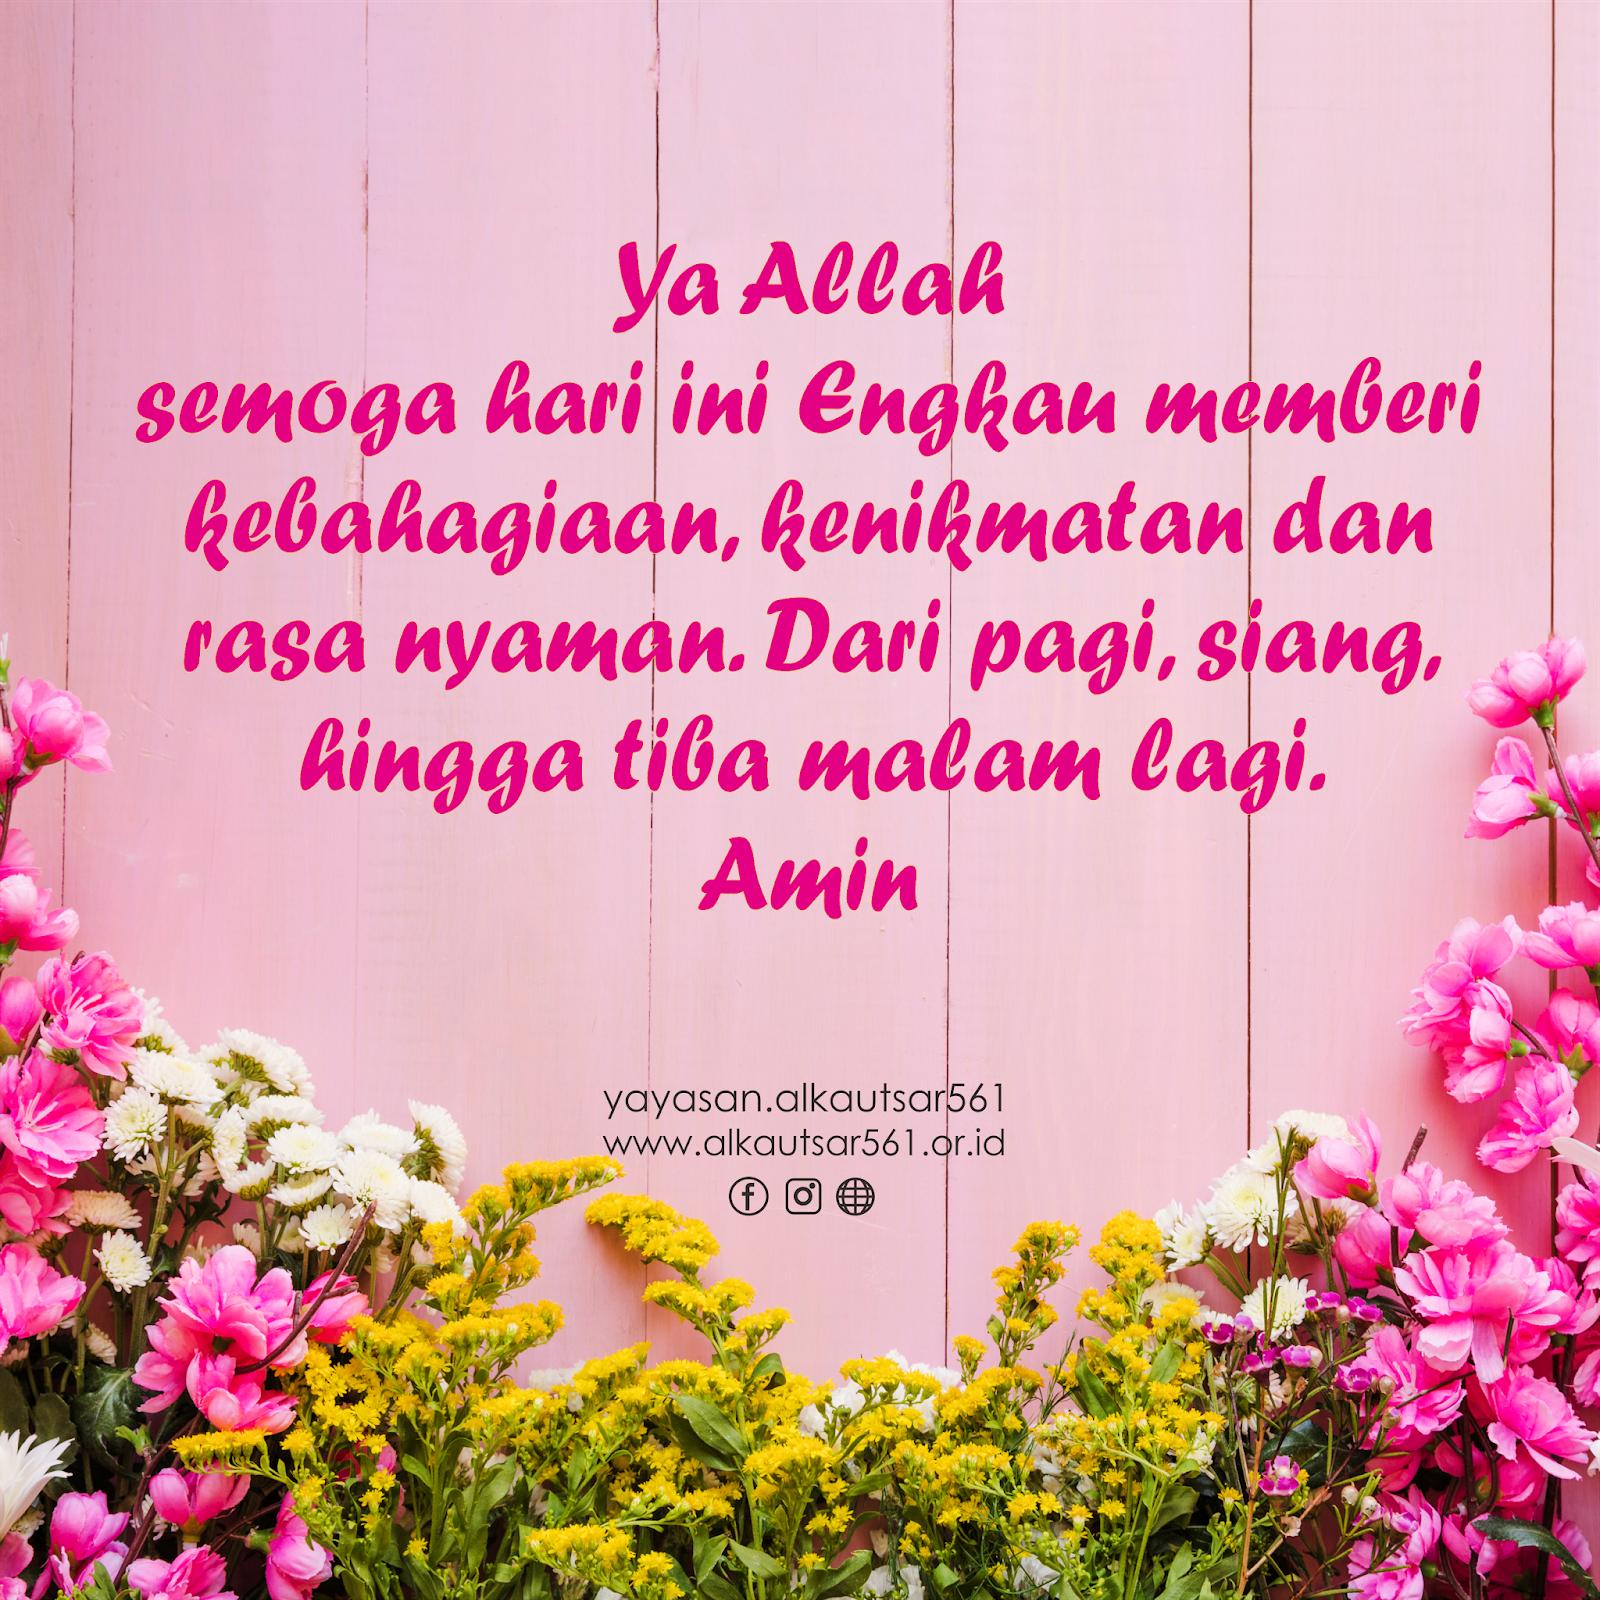 40 Salam Subuh Ideas Assalamualaikum Image Salam Quotes